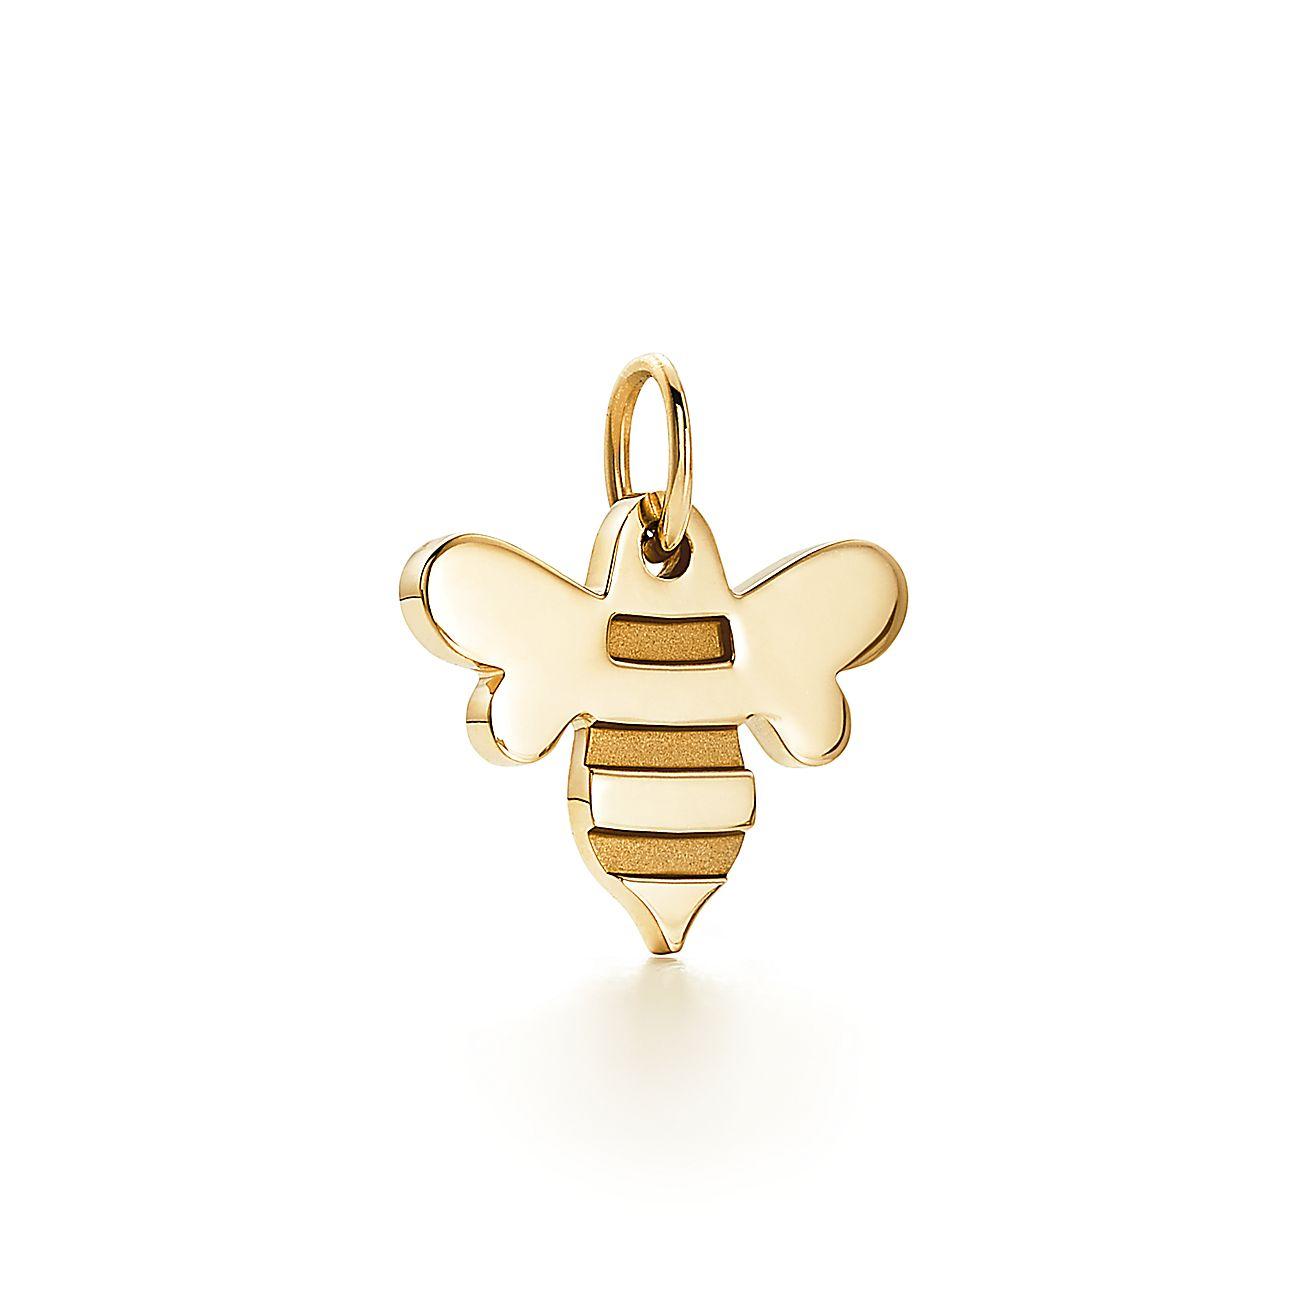 Tiffany Charms honey bee charm in 18k gold. | Tiffany & Co.